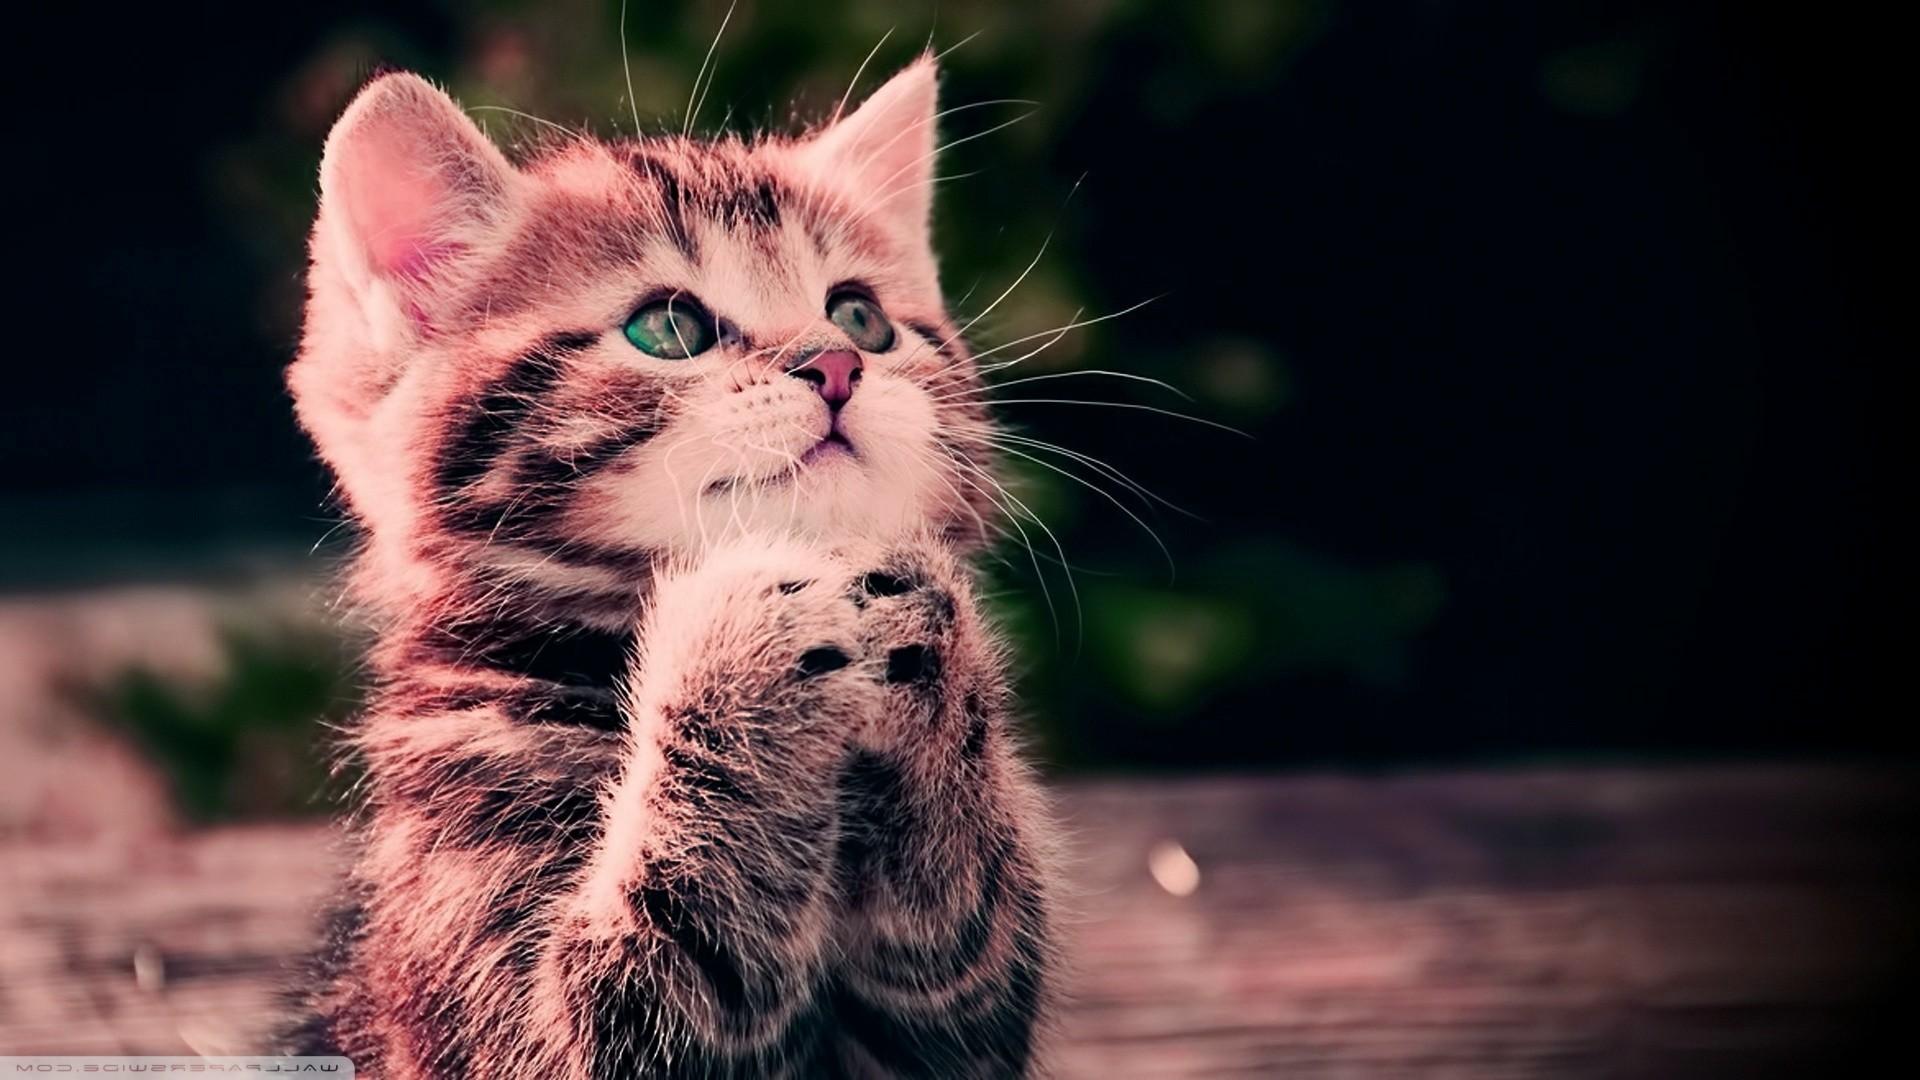 Imágenes De Animales En Hd Para Fondo De Pantalla: Descargar Wallpaper Para Computadoras Gratis (59+ Images